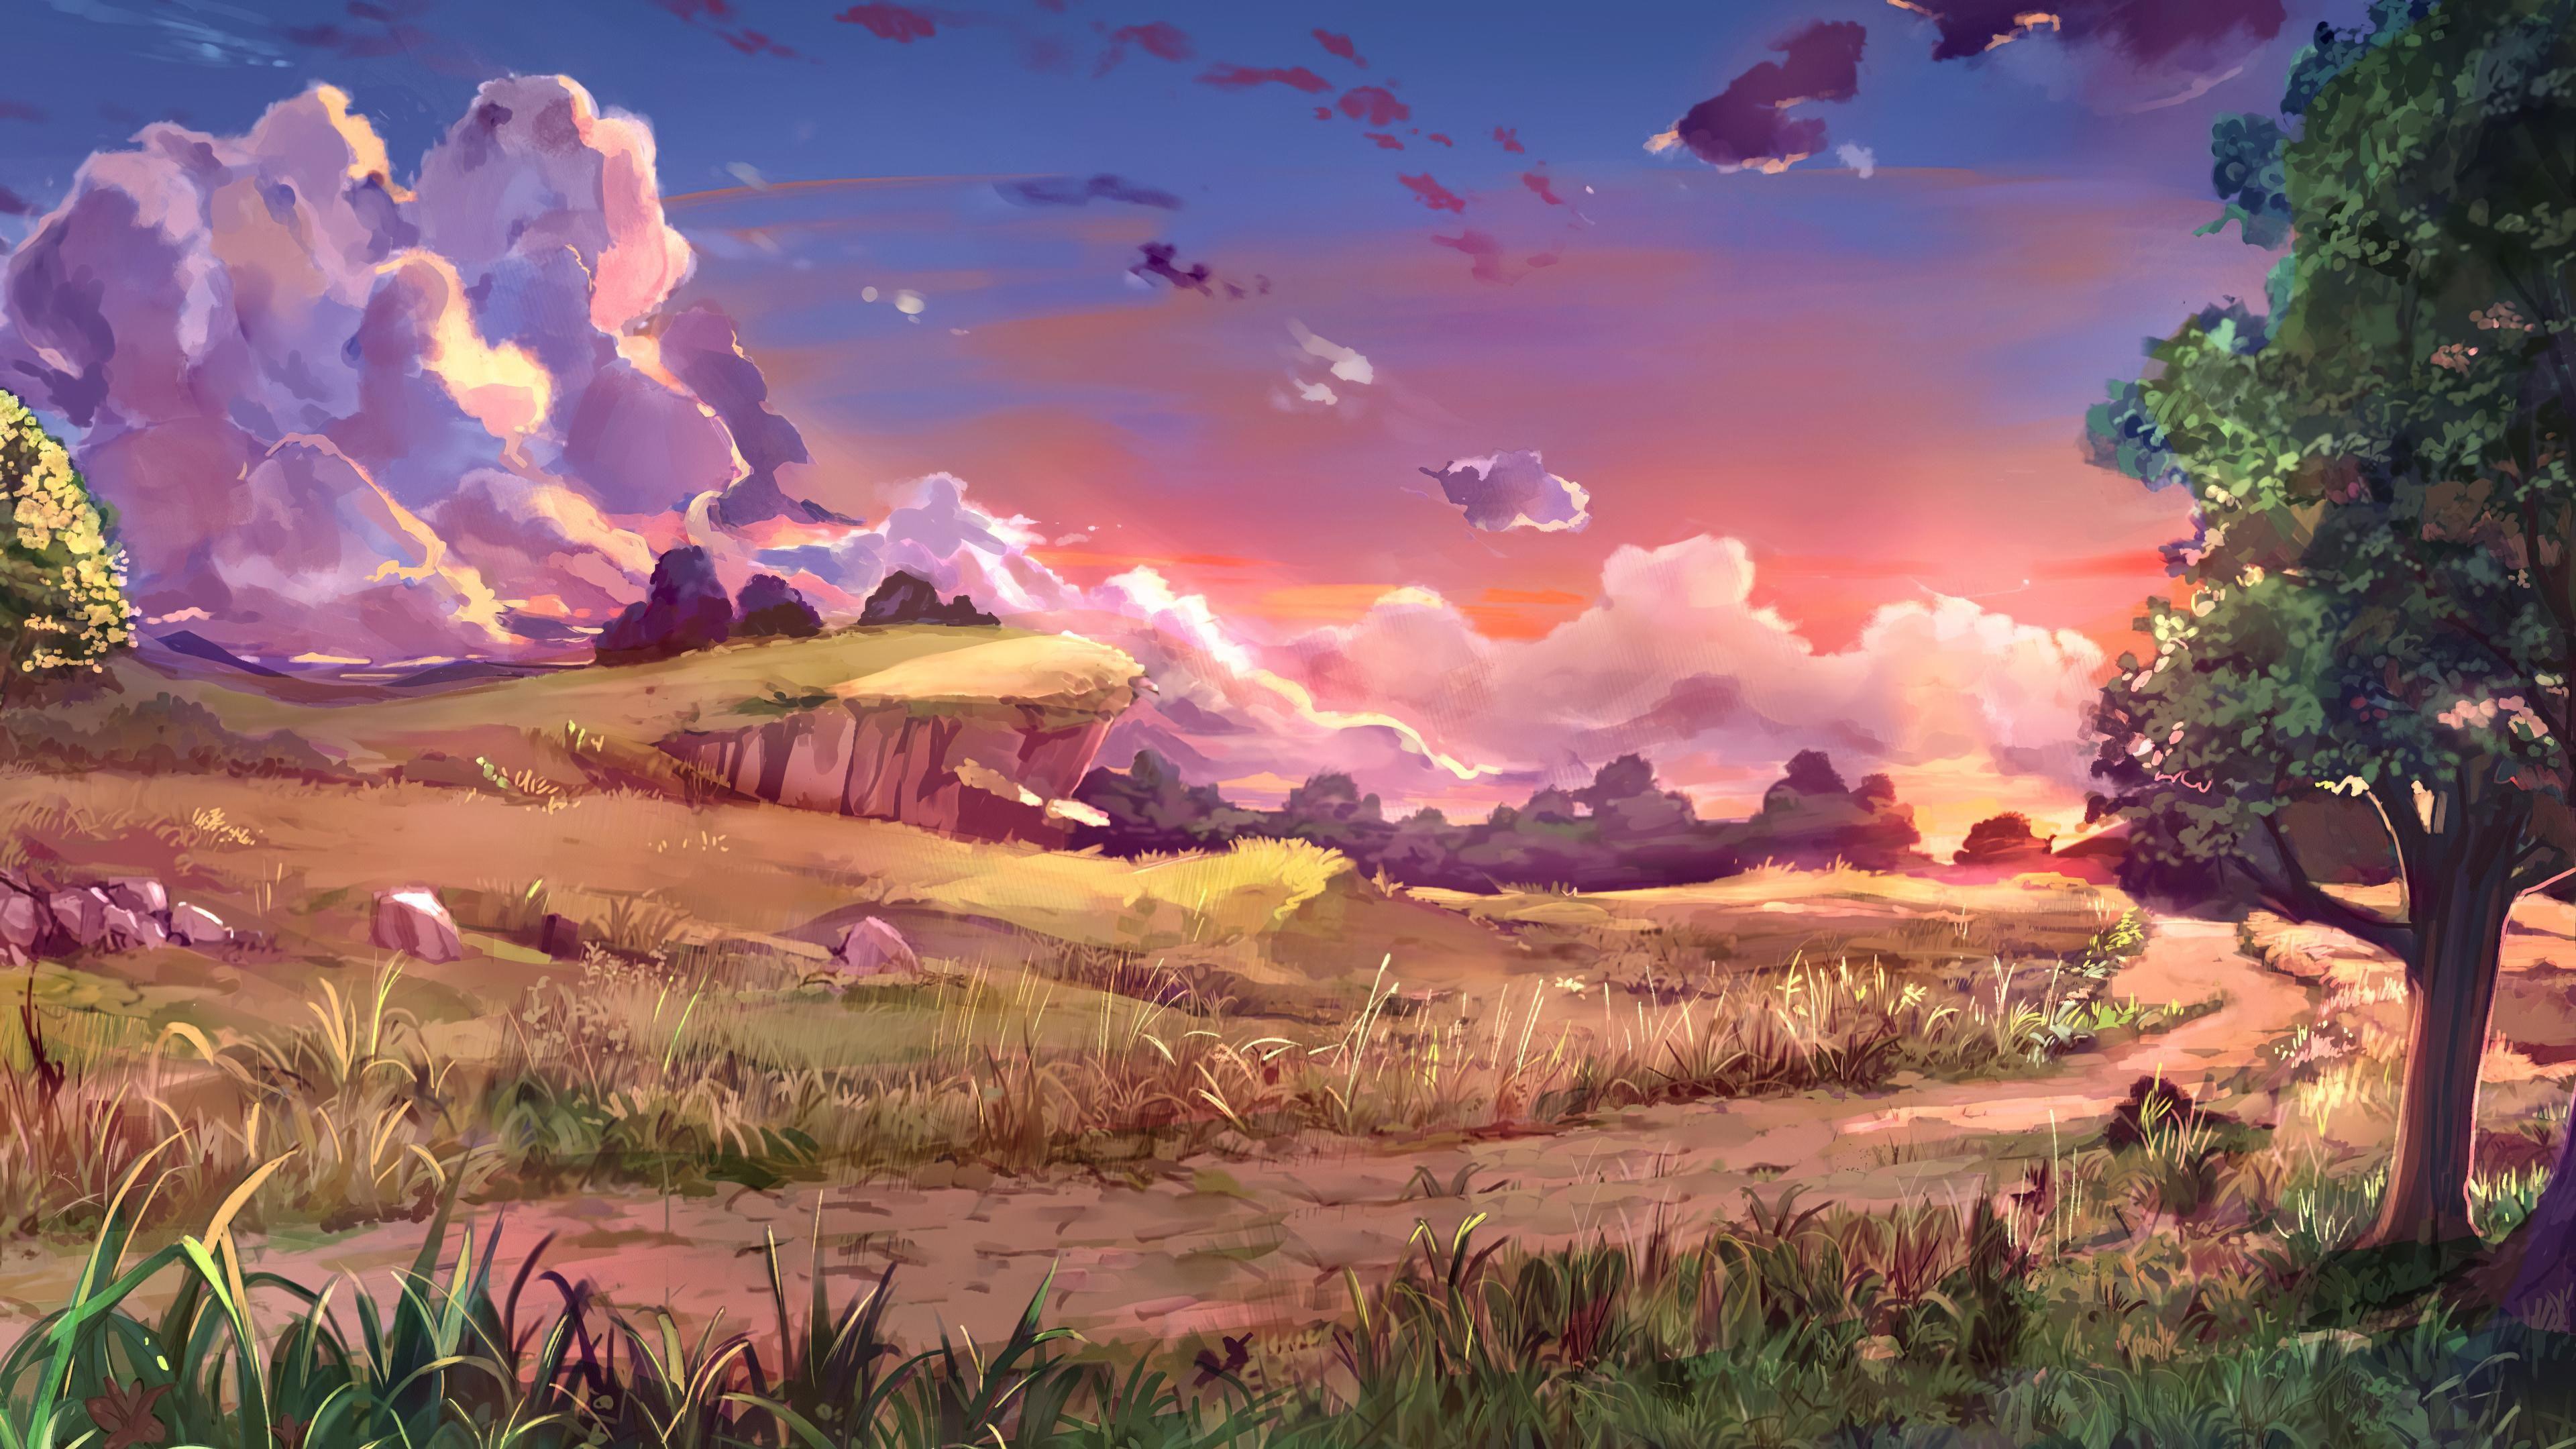 Crystalline (2018) Background Art [3840x2160] in 2020